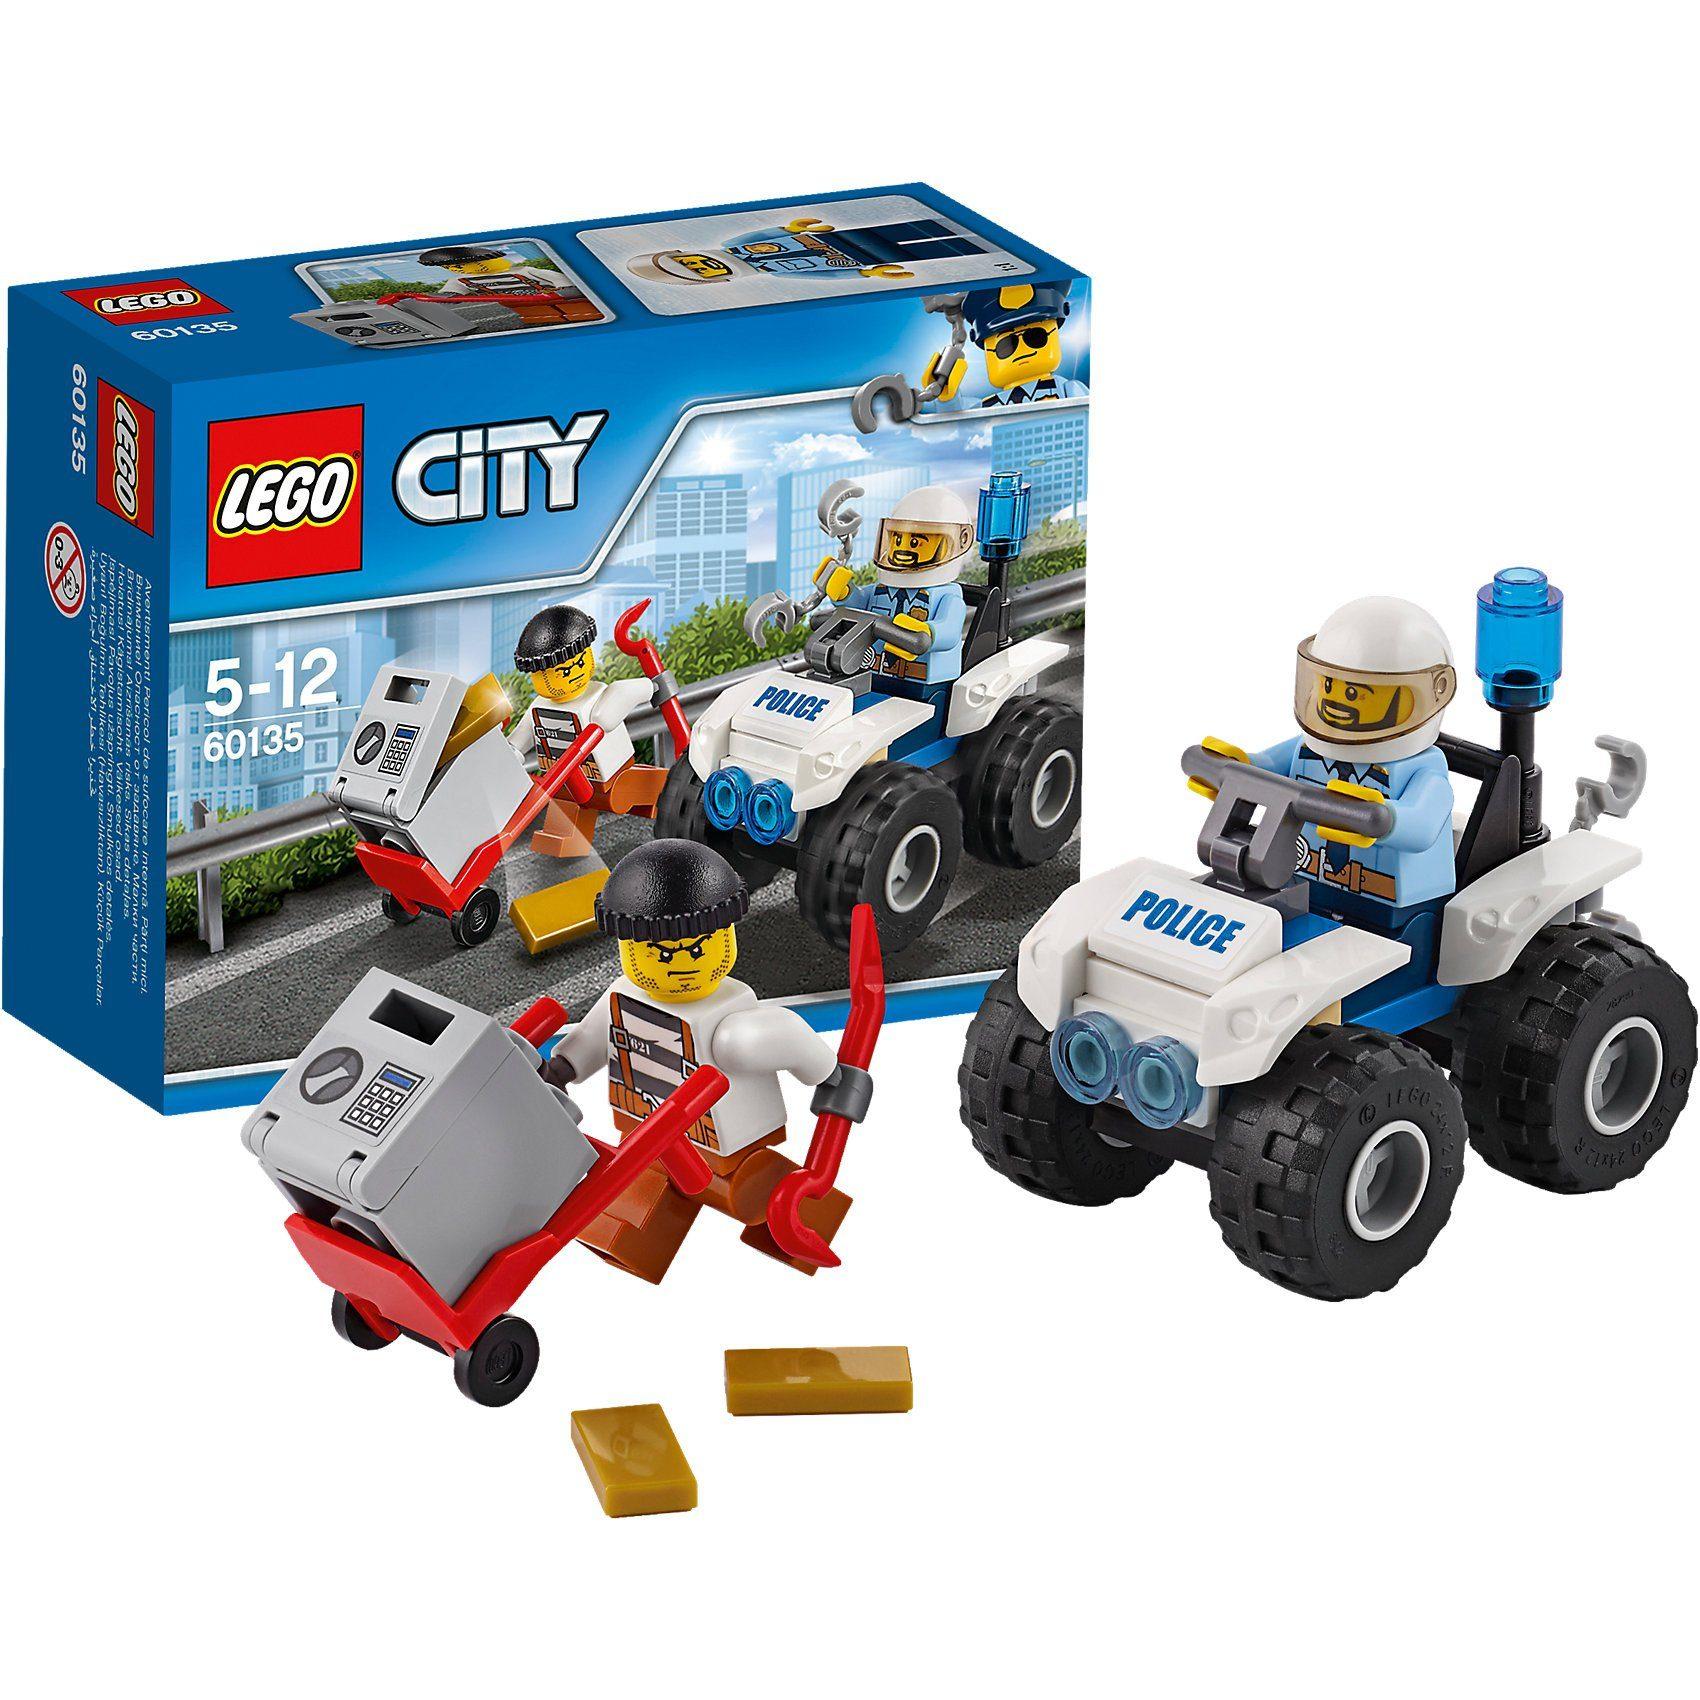 LEGO 60135 City: Gangsterjagd auf dem Quad